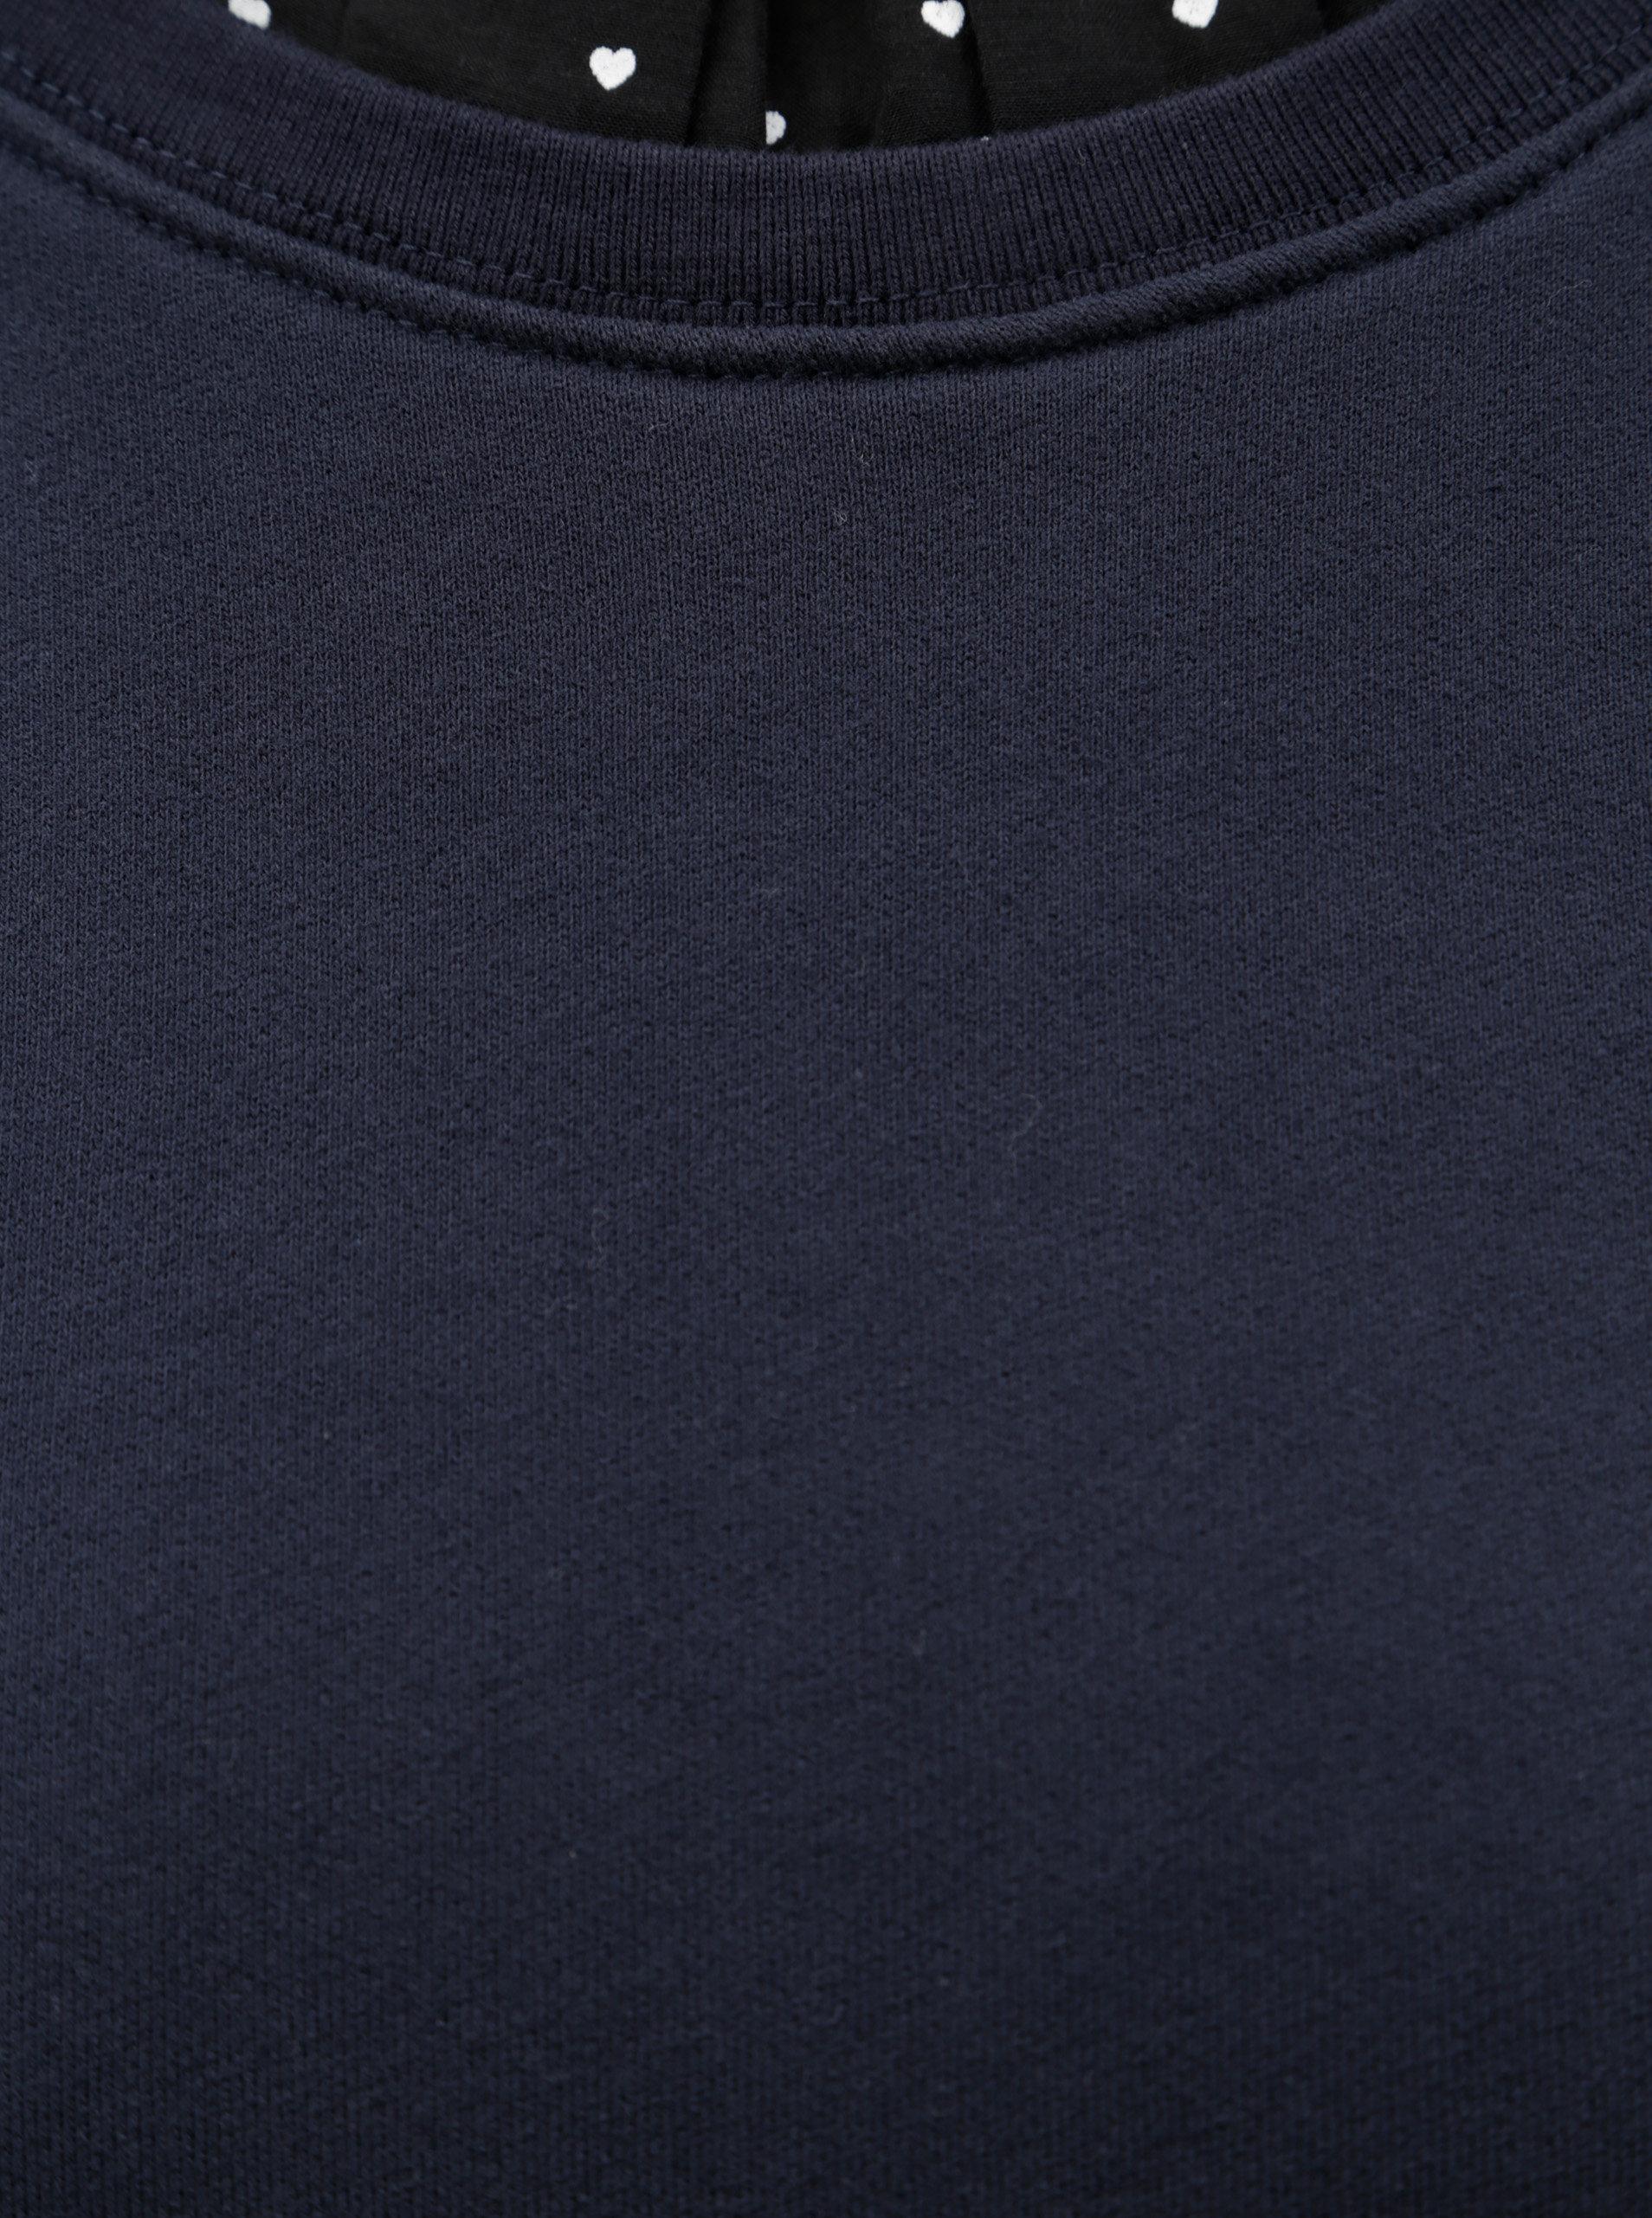 5dcd9fa969f5 Tmavě modré mikinové šaty se stojáčkem Scotch   Soda ...